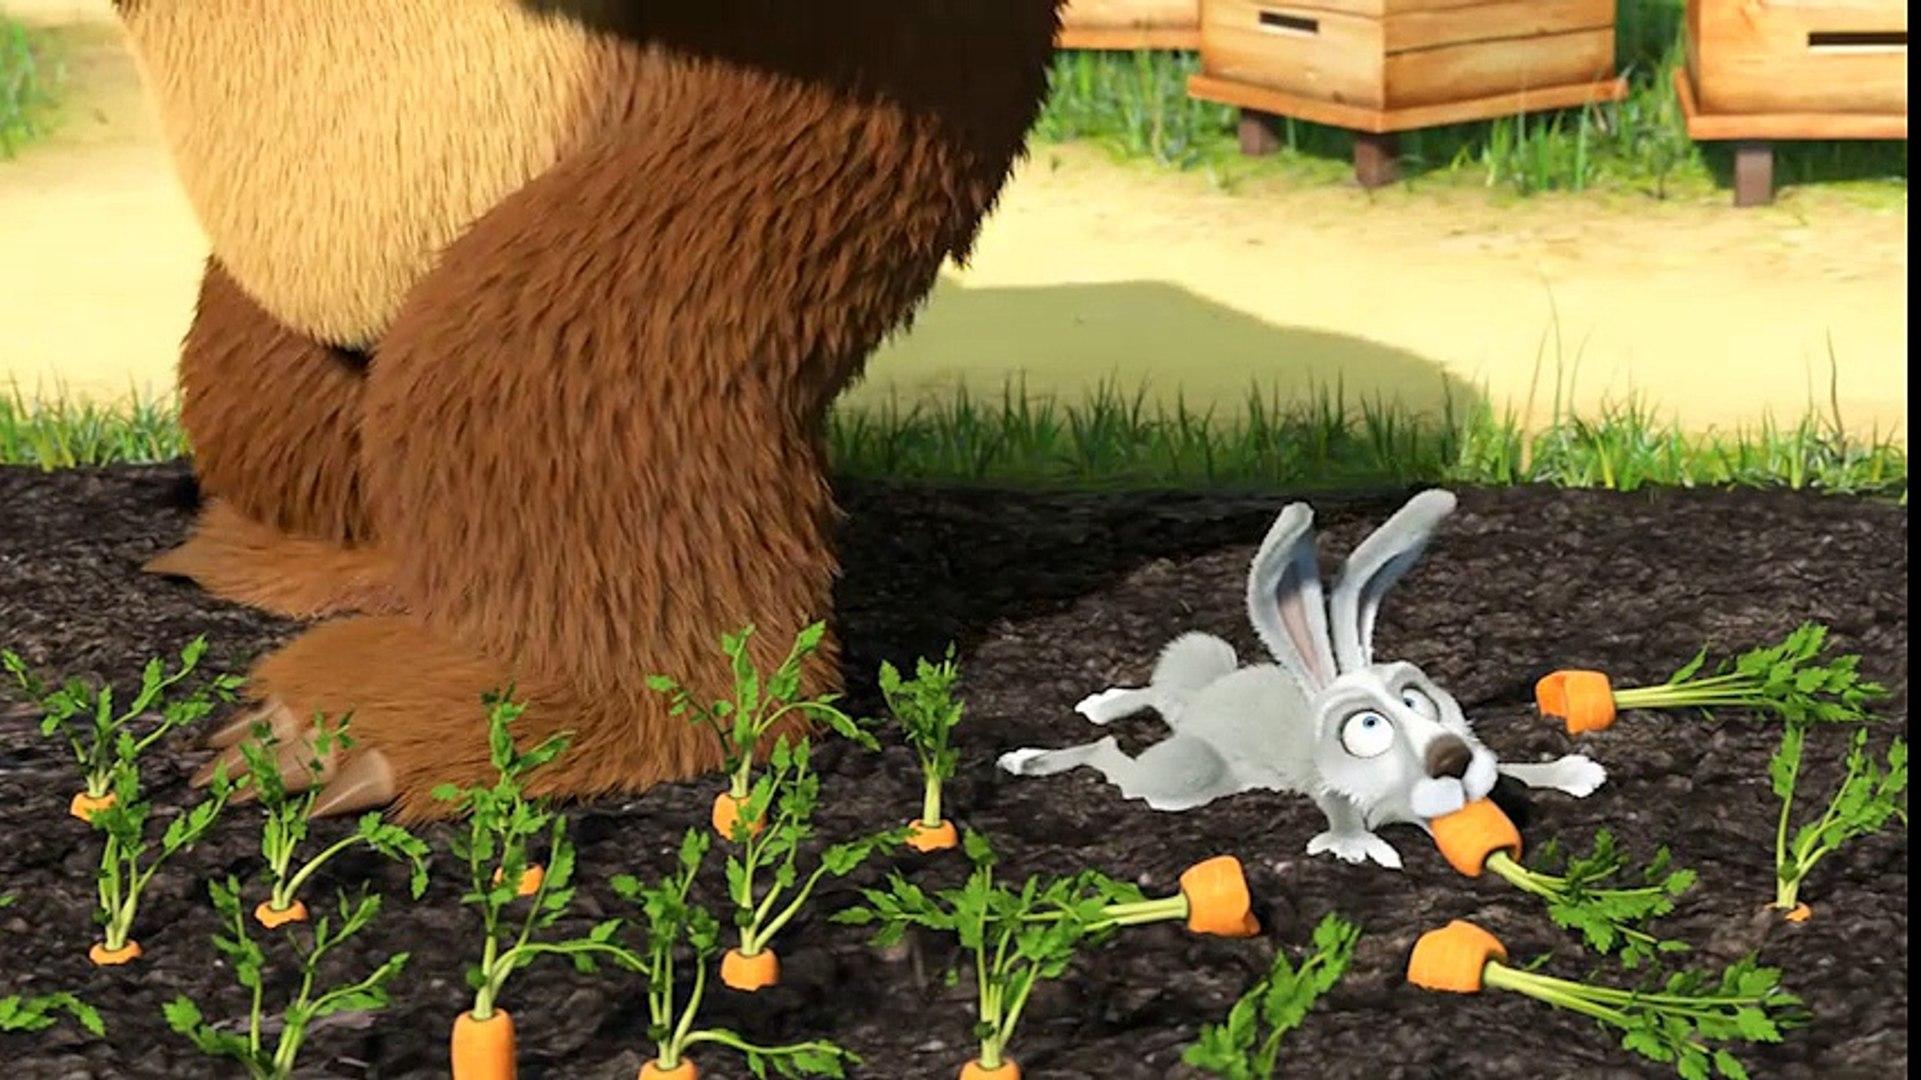 Đây là phim hoạt hình đầu tiên trên thế giới đạt được 1-6 tỷ lượt xem